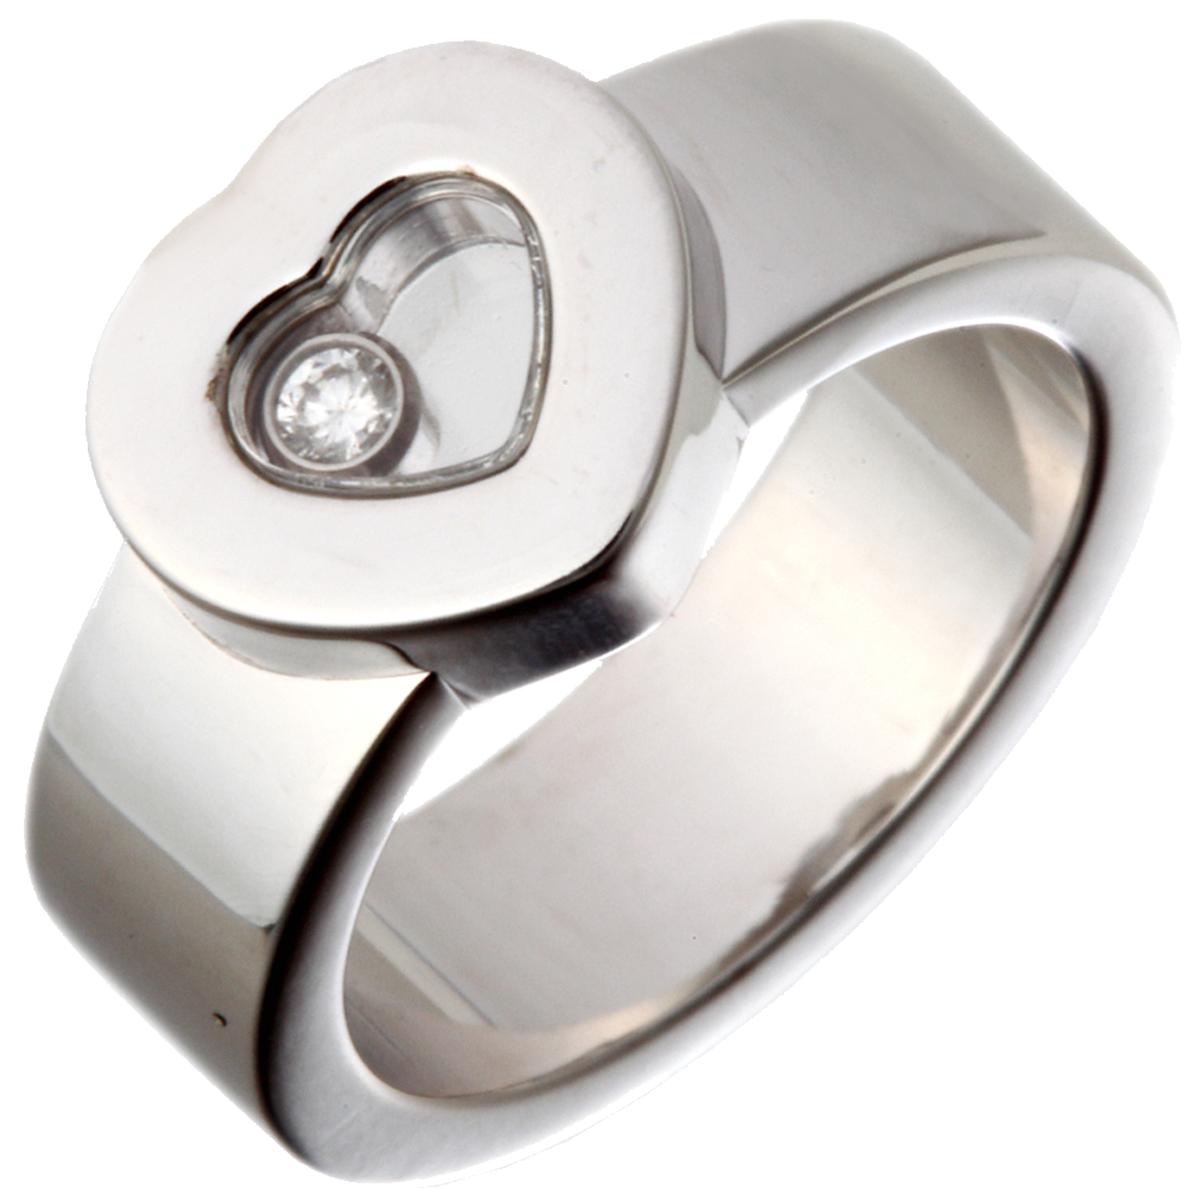 [飯能本店] Chopard ショパール ハッピーダイヤモンド リング・指輪 750ホワイトゴールド 9.5号 DH49627【大黒屋質店出品】 【中古】【店頭受取対応商品】